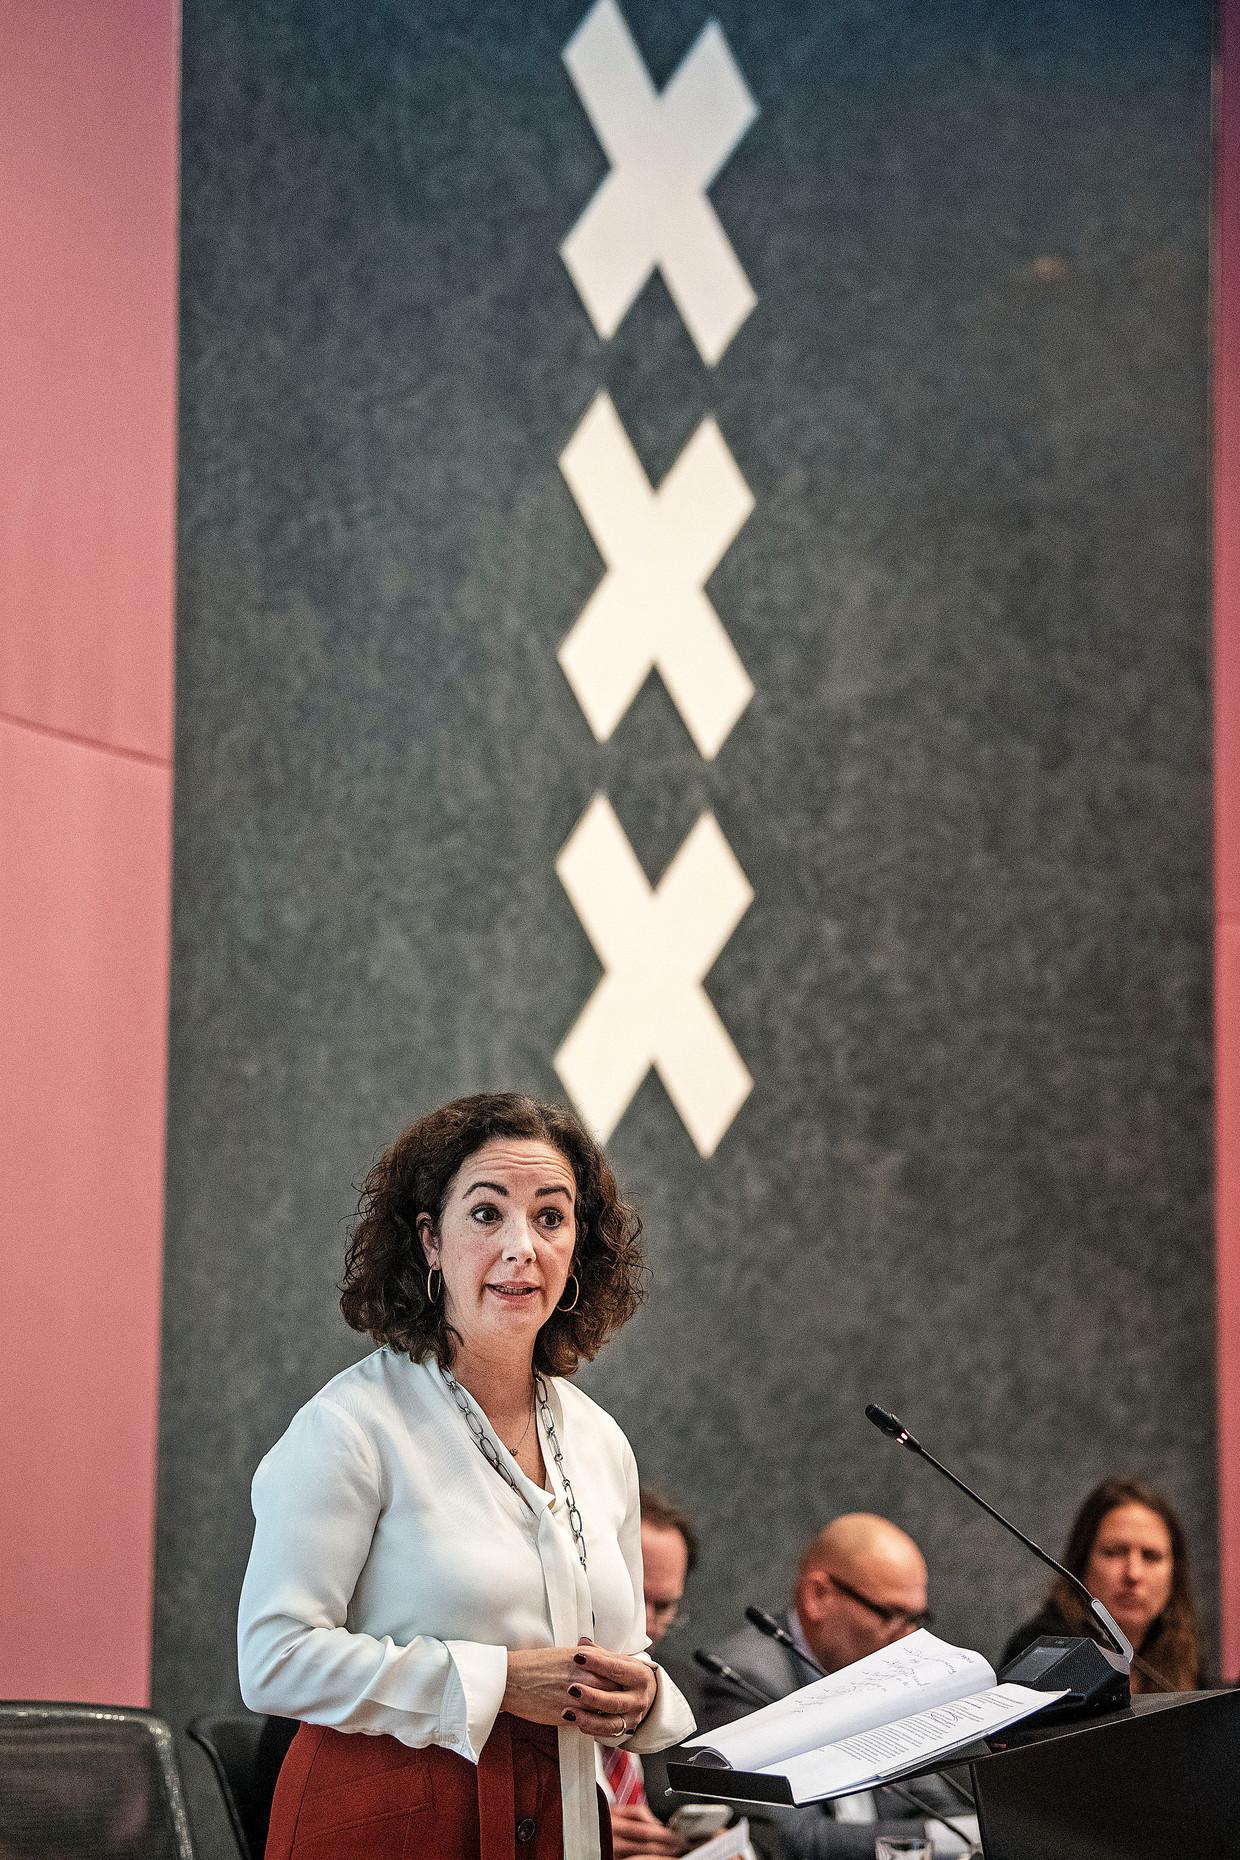 Burgemeester Femke Halsema in de Amsterdamse gemeenteraad.